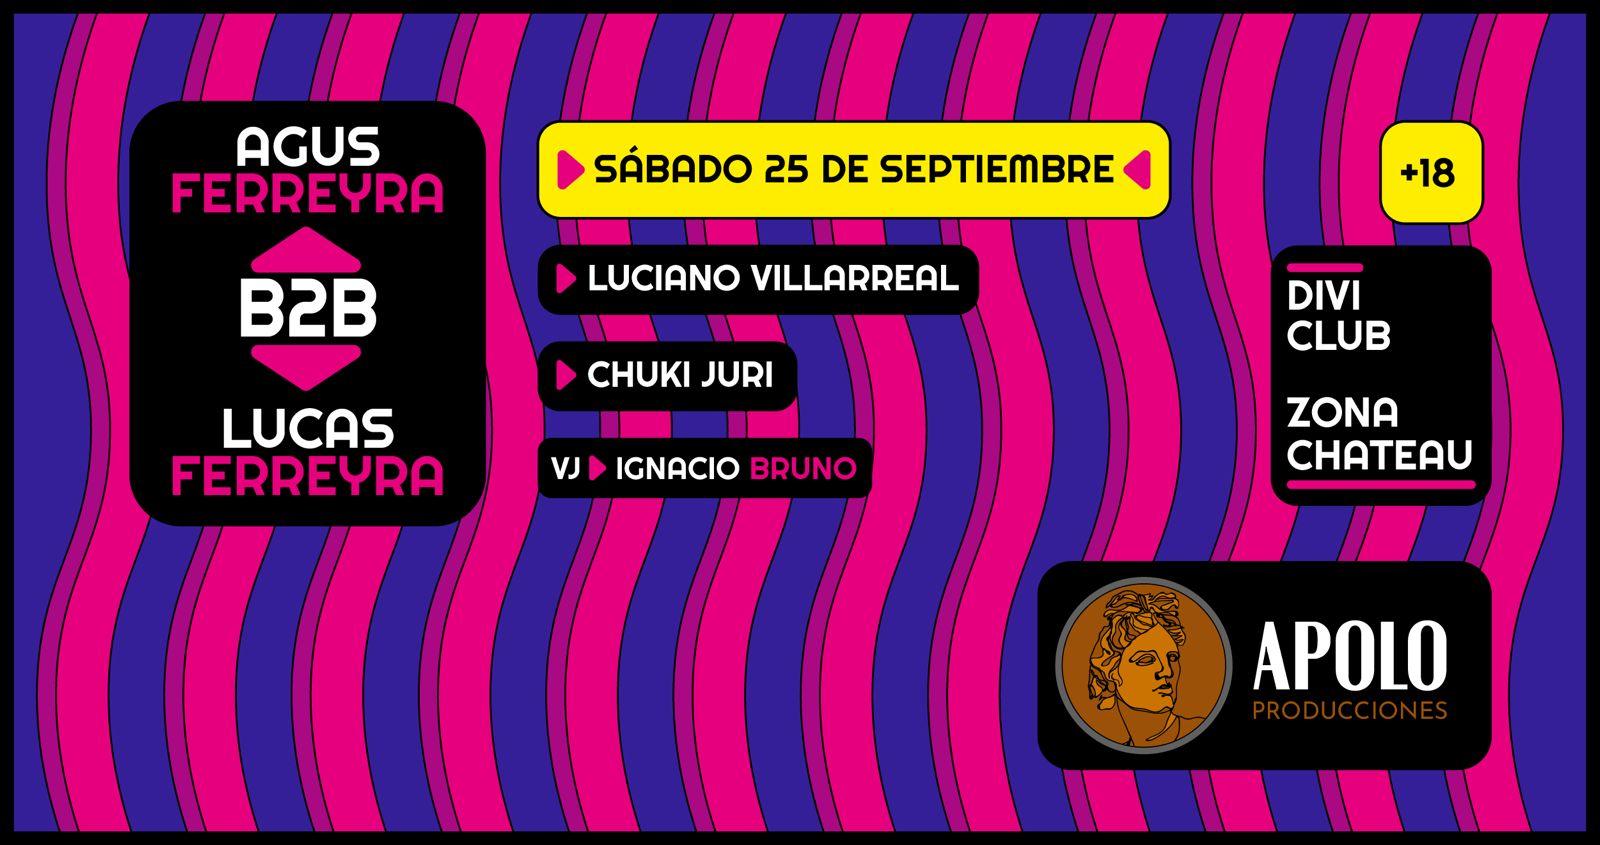 Agus Ferreyra B2B Lucas Ferreyra Divi Club